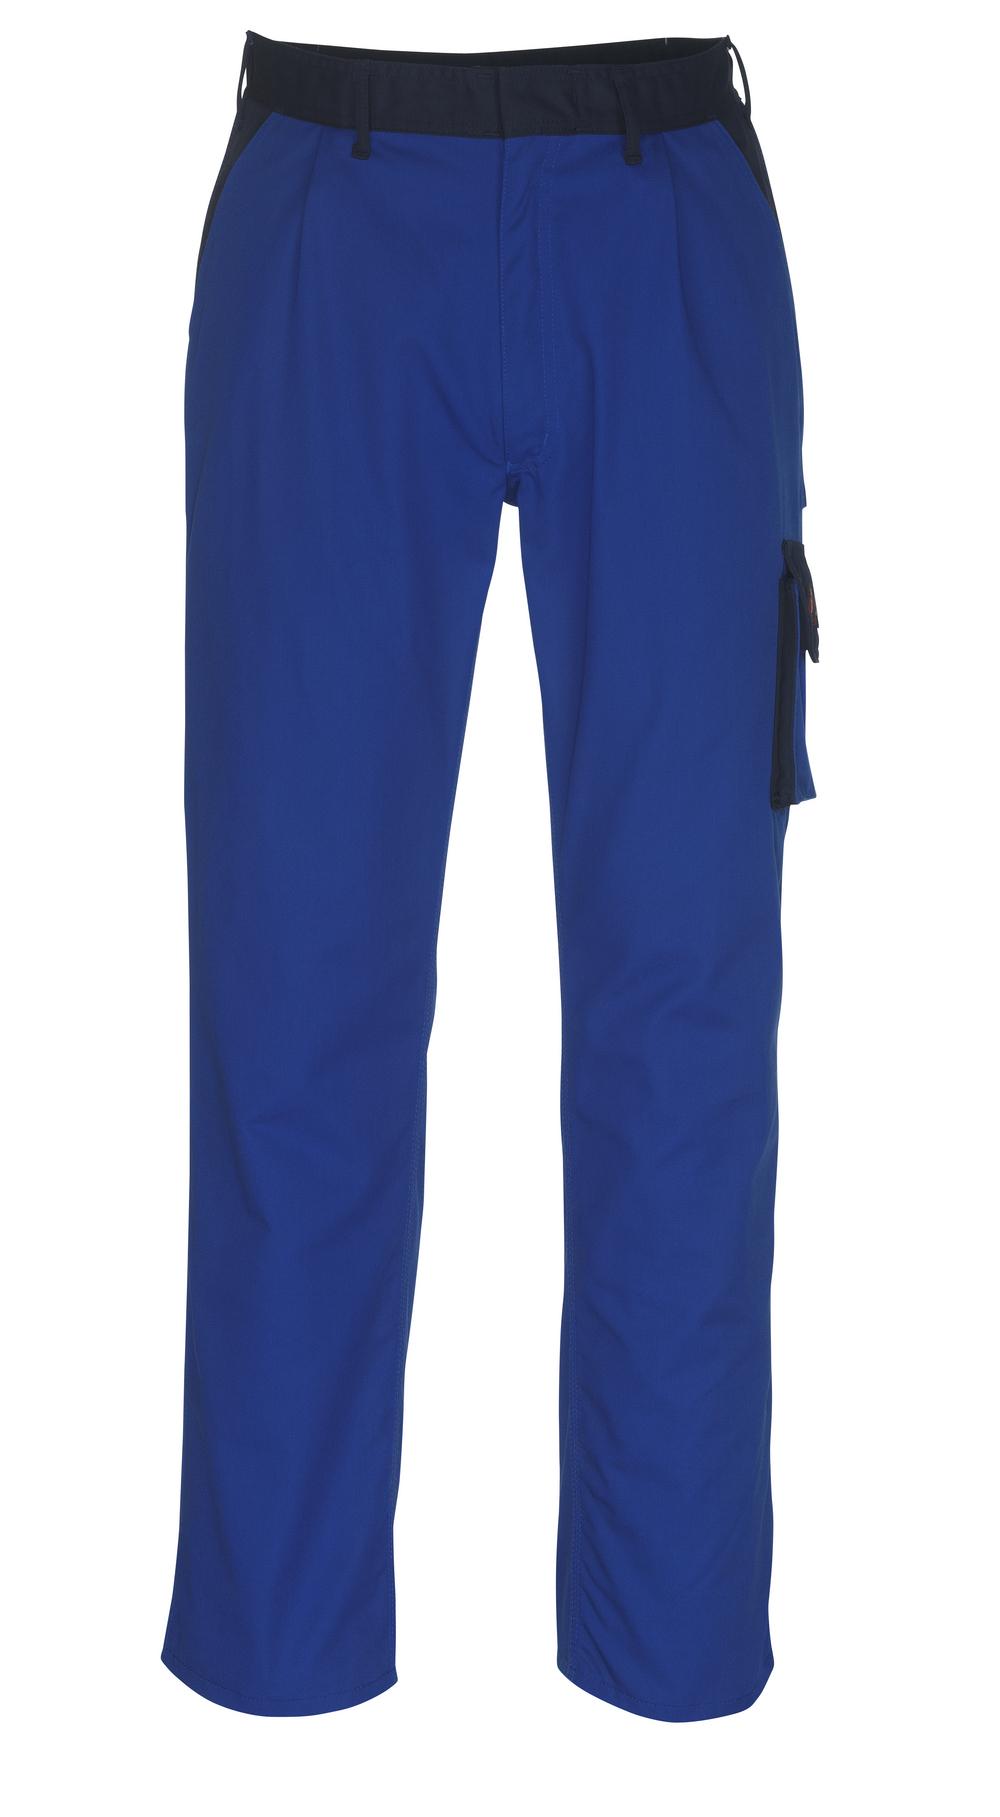 08779-442-1101 Pantalones con bolsillos de muslo - azul real/azul marino